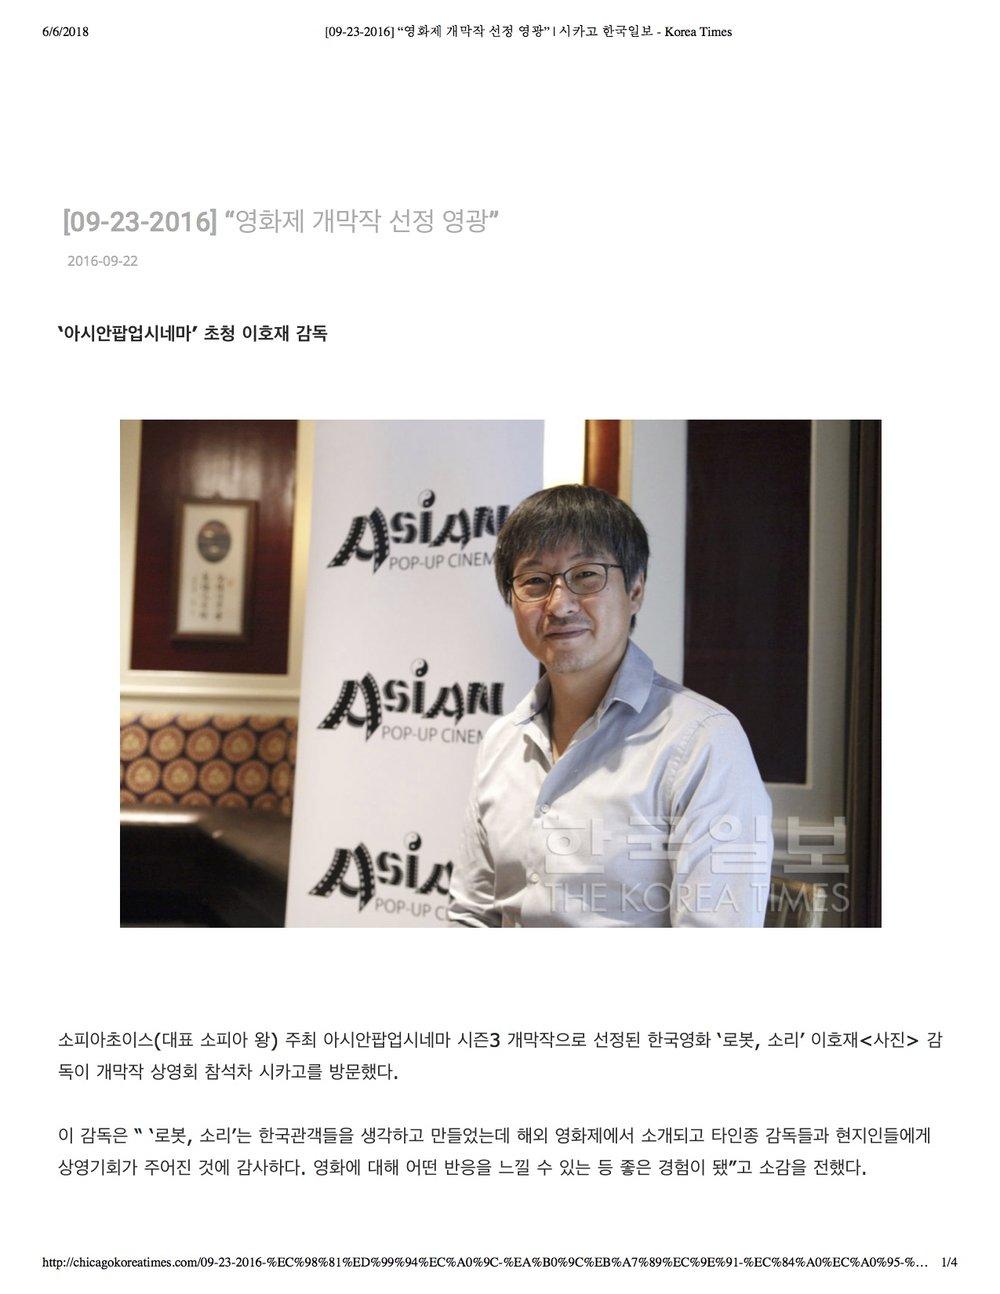 """1[09-23-2016] """"영화제 개막작 선정 영광"""" _ 시카고 한국일보 - Korea Times.jpg"""